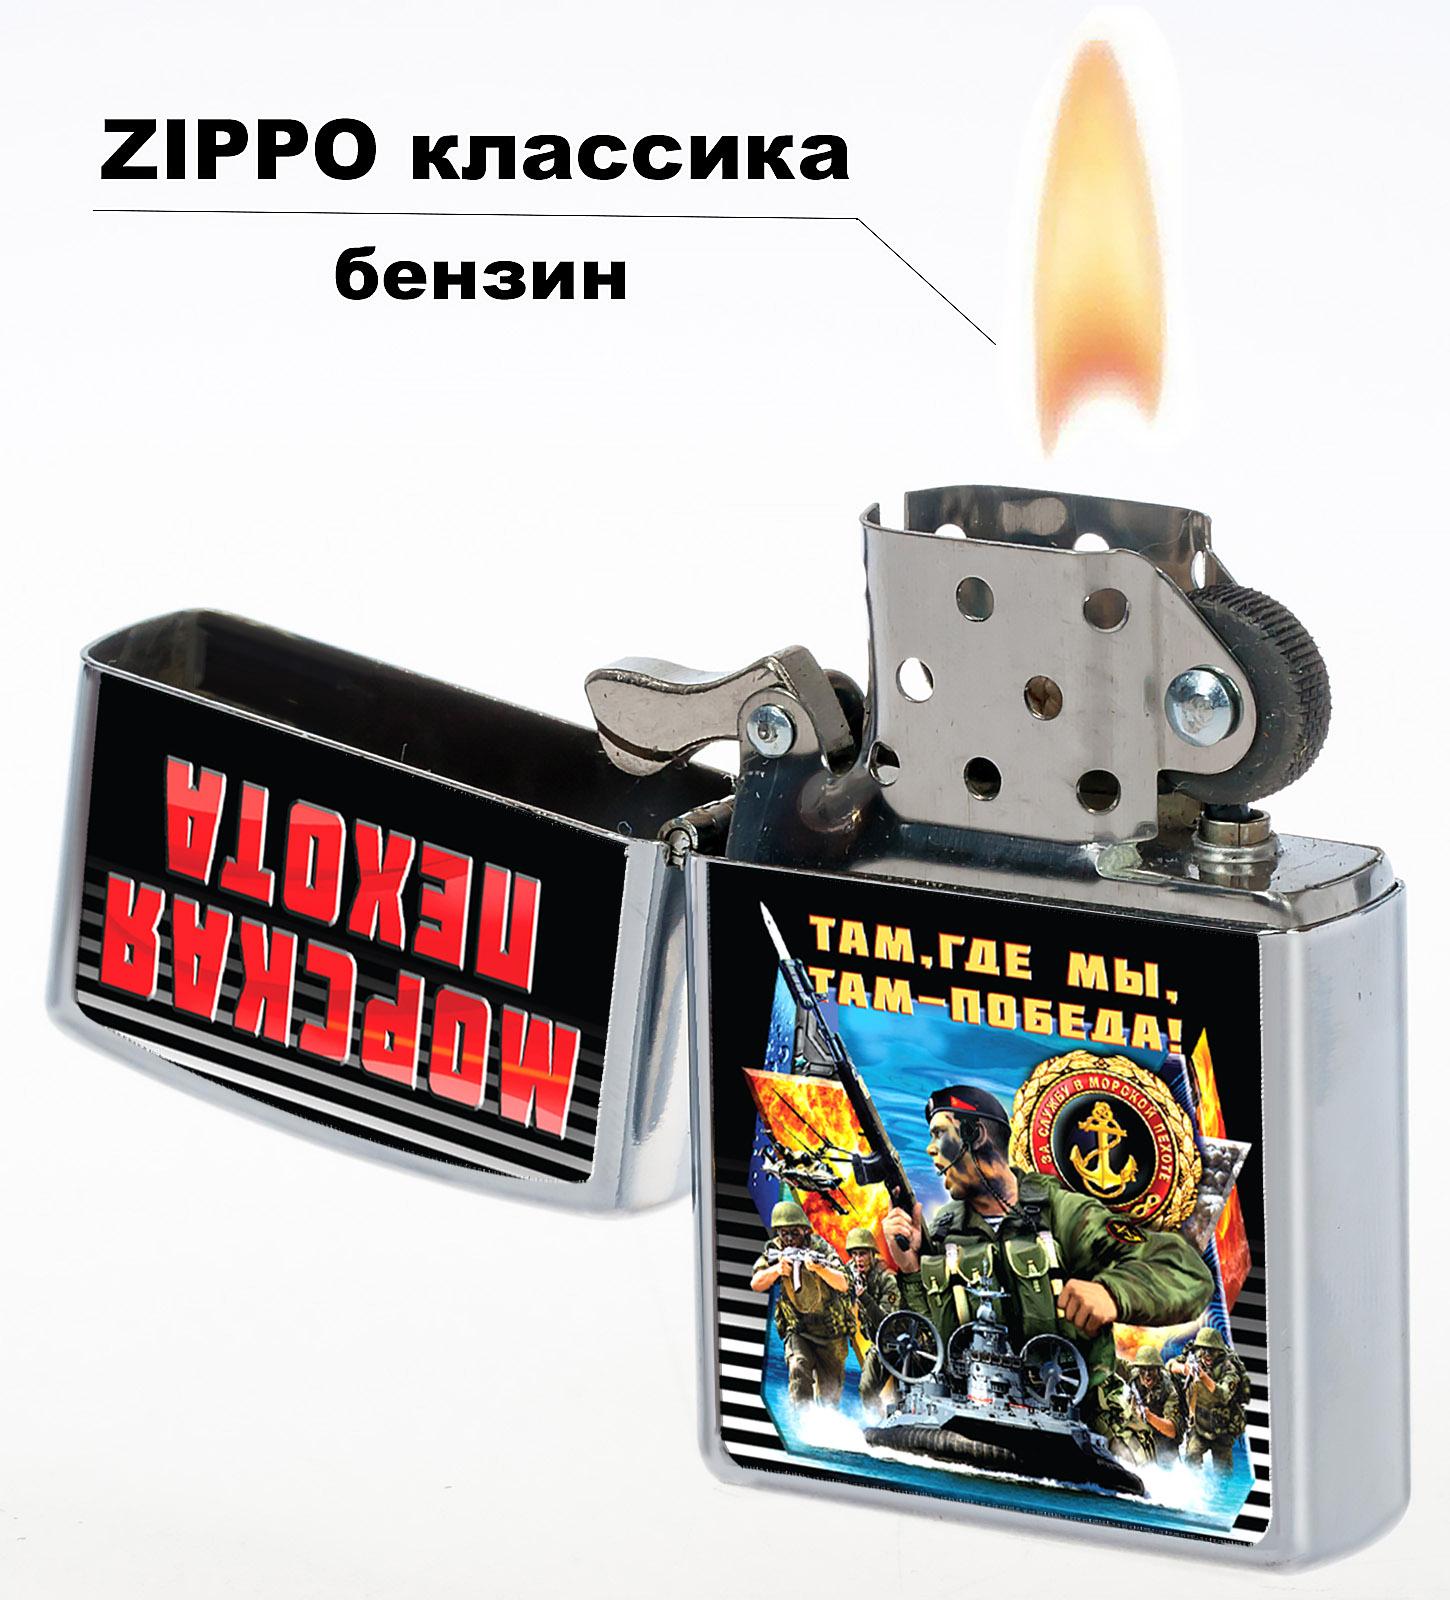 Крутая металлическая зажигалка - купить по выгодной цене